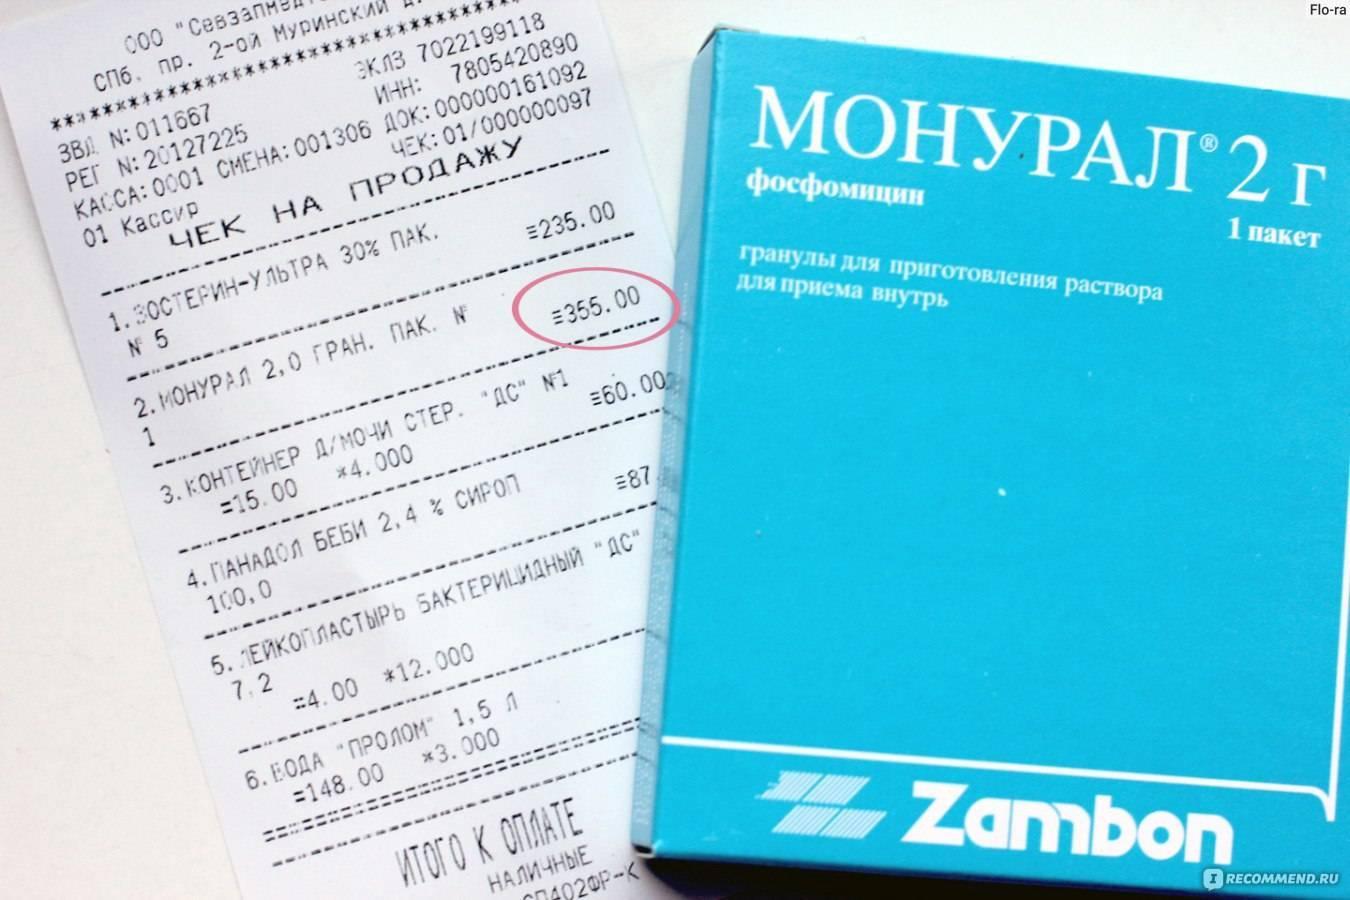 Монурал(1 таблетка) при цистите – инструкция по применению